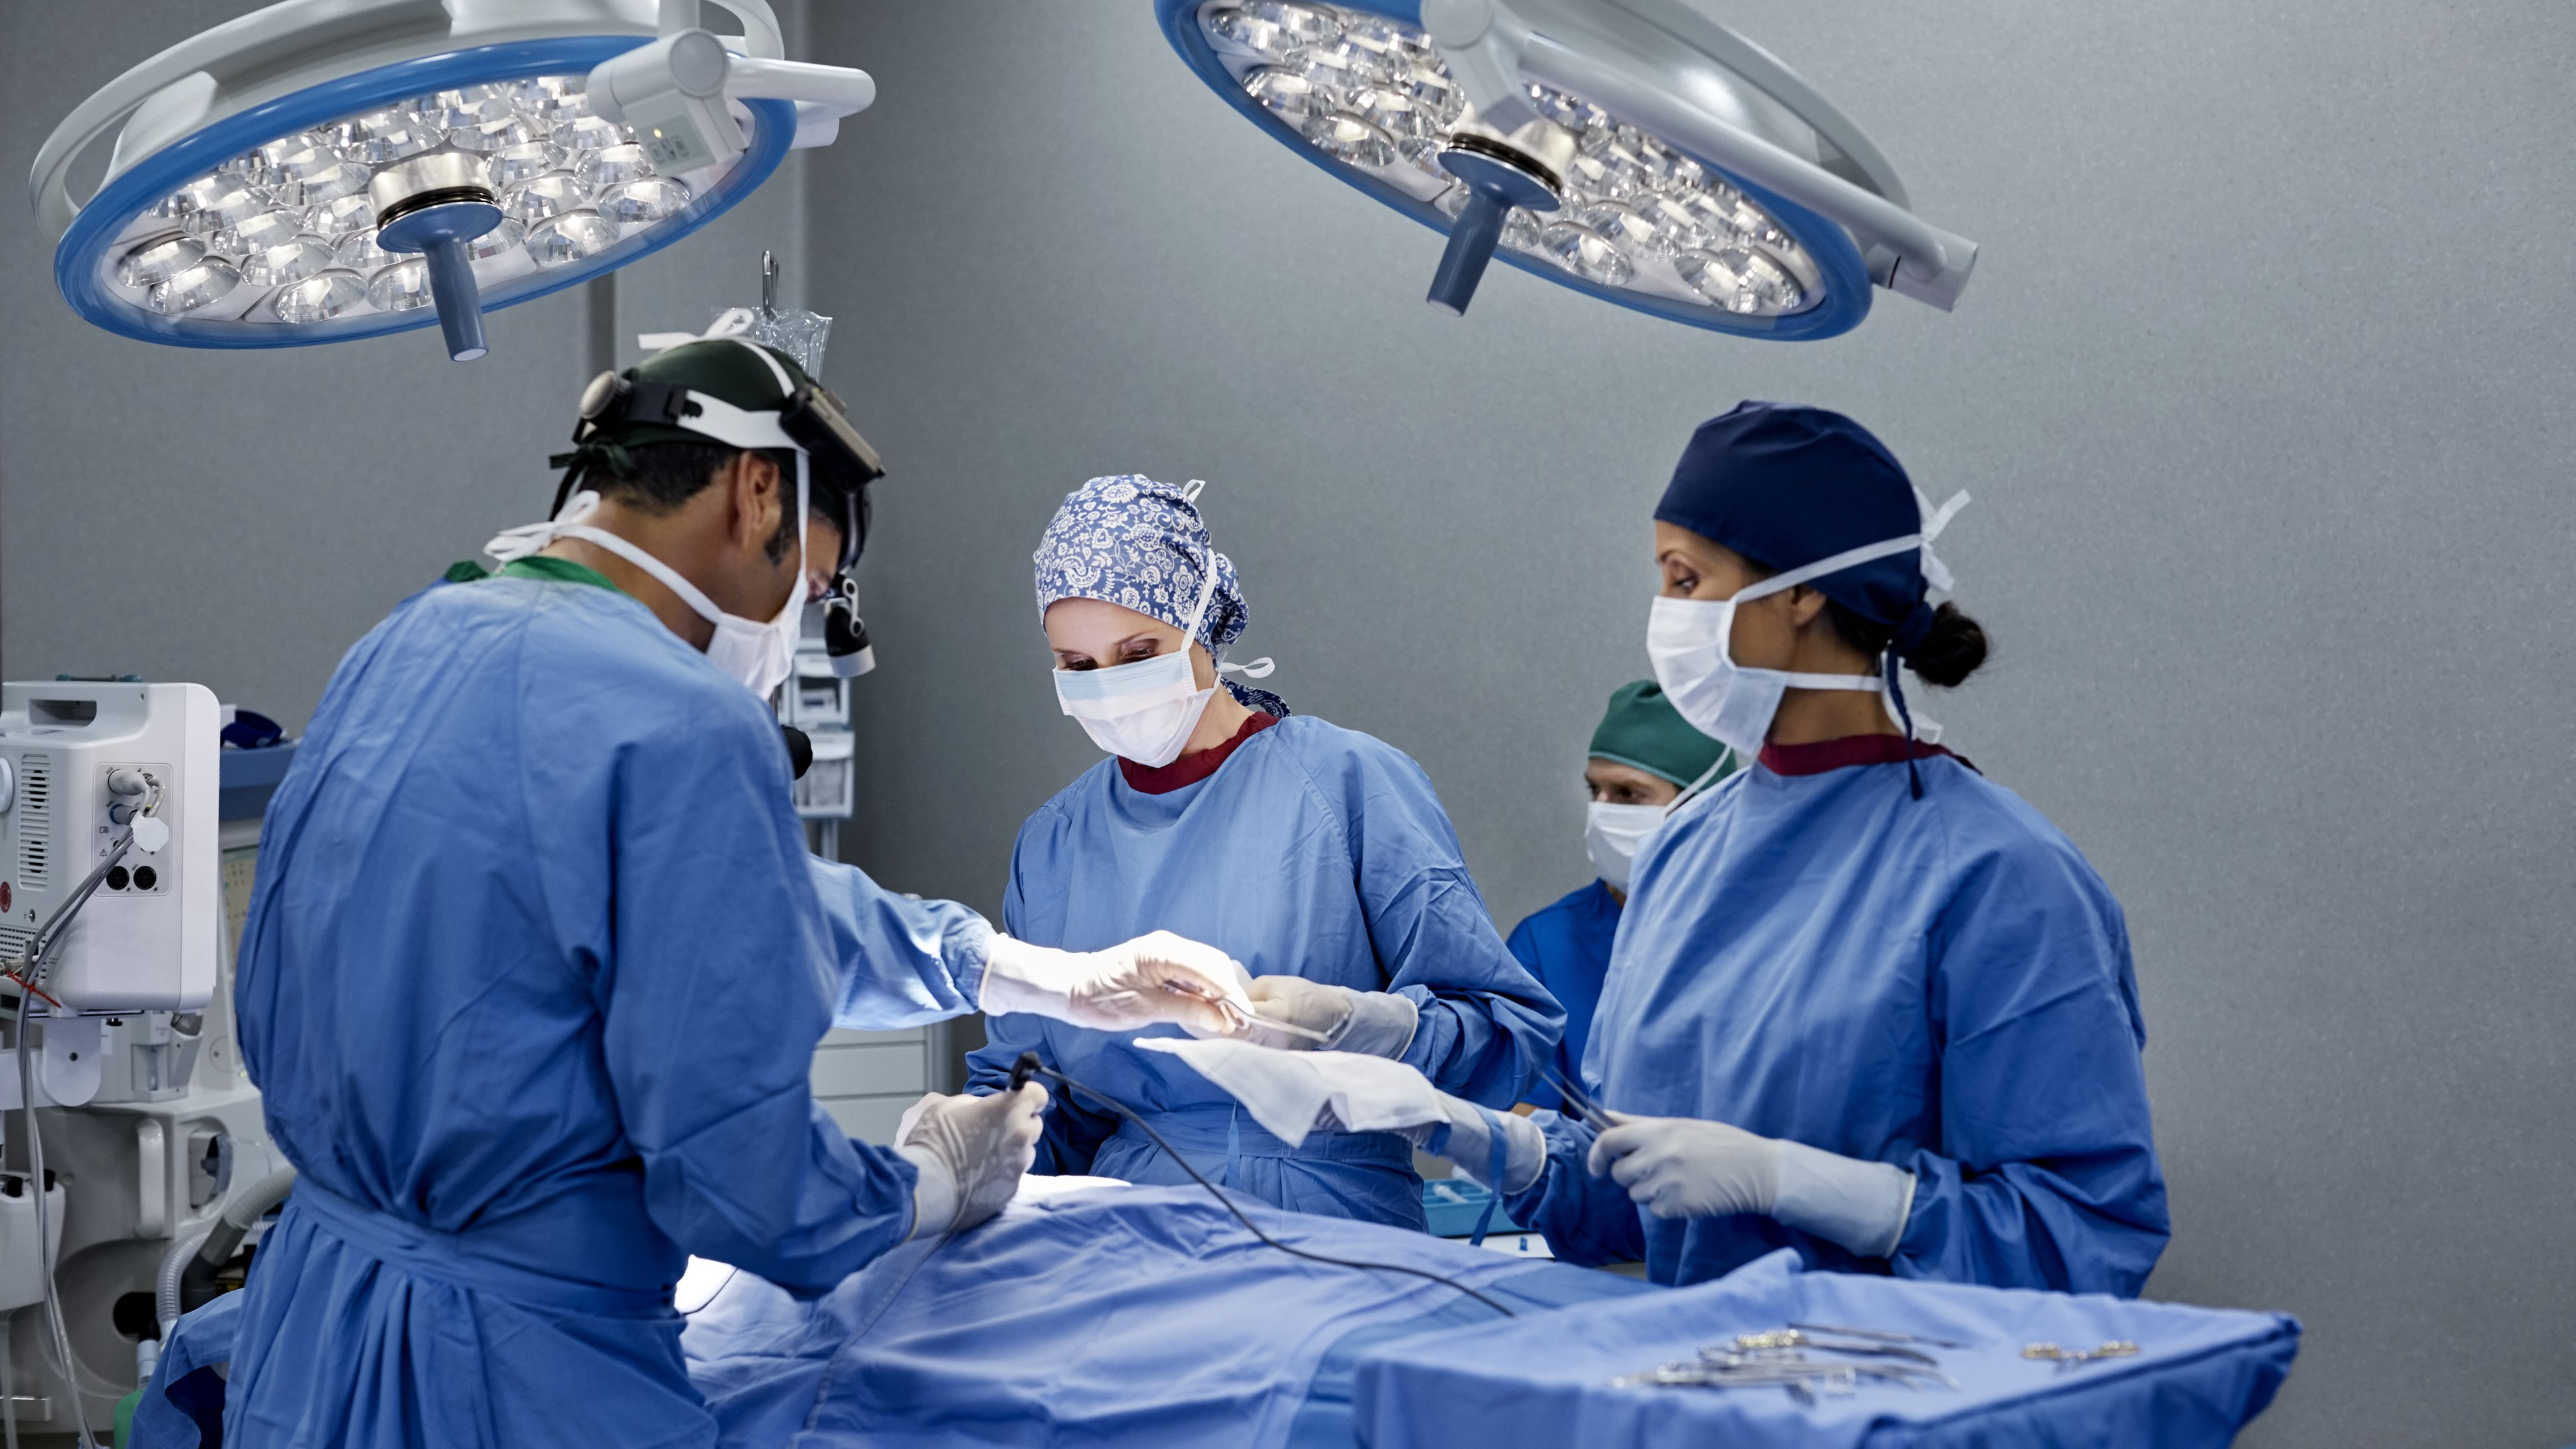 Hirurška procedura podizanja i povećanja grudi implantima